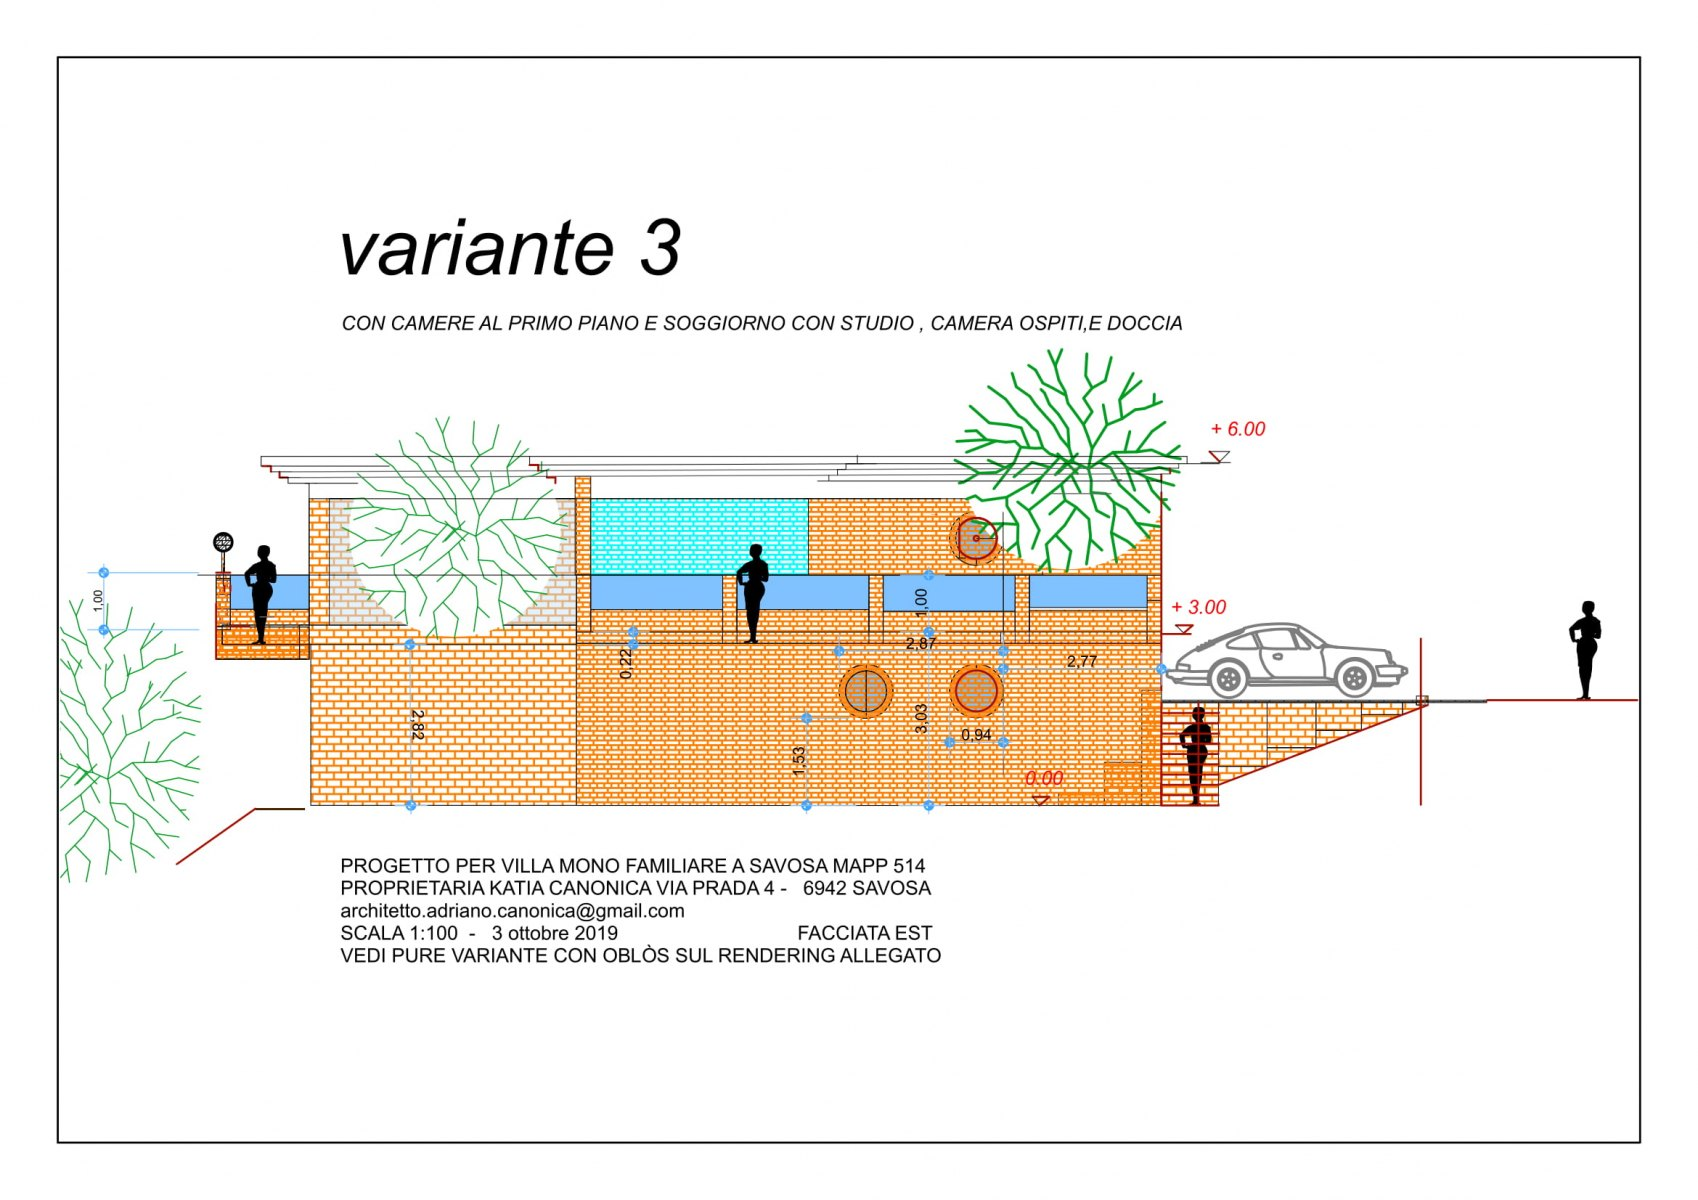 jacuzzi-terrazzo-facciata-est-1-100-1